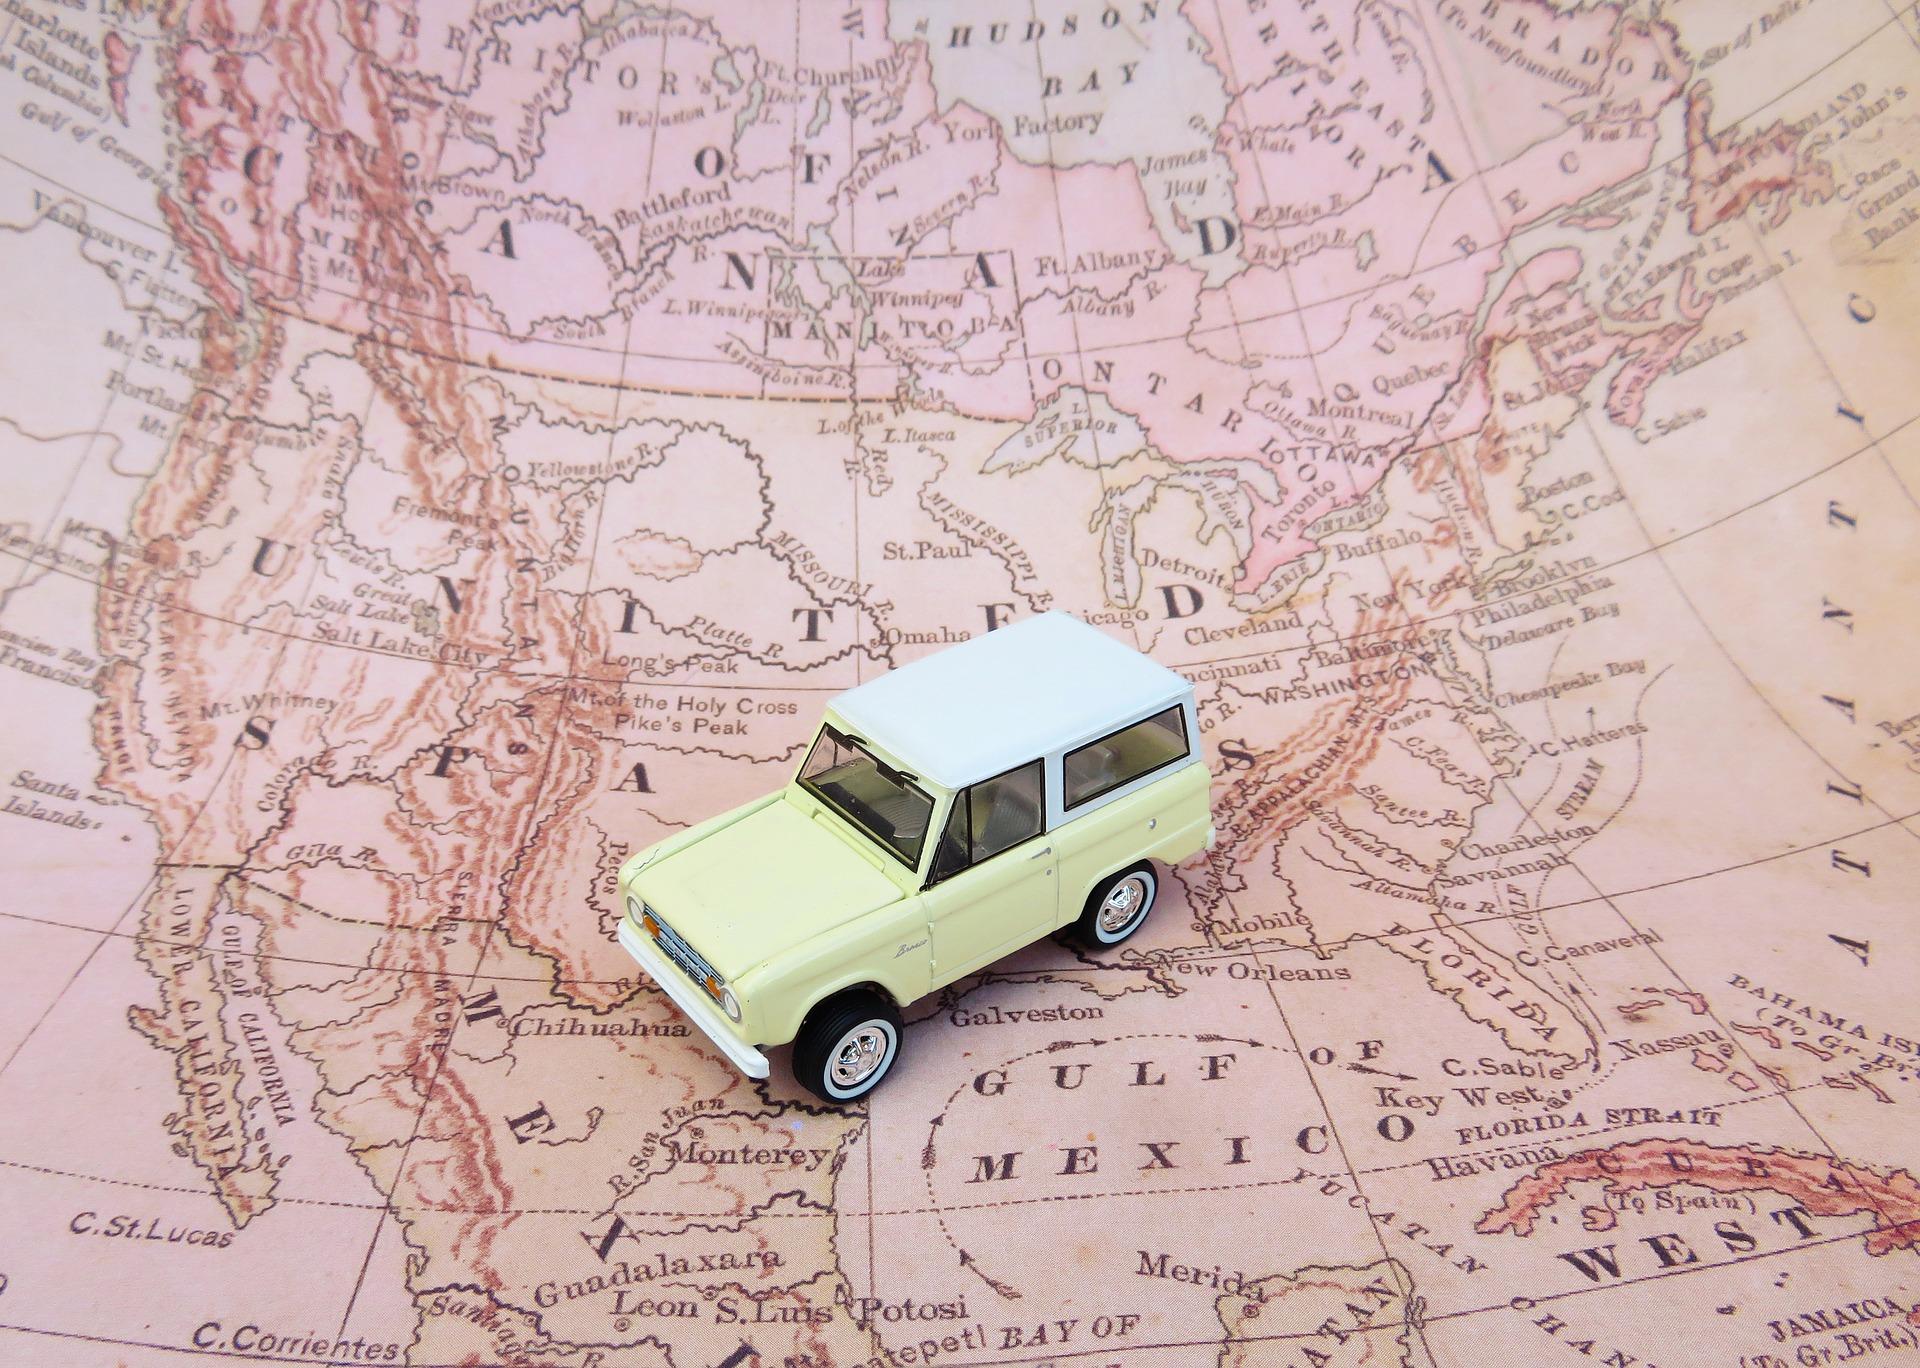 【アメリカでレンタカー】安い値段でお得にレンタルするおすすめ方法